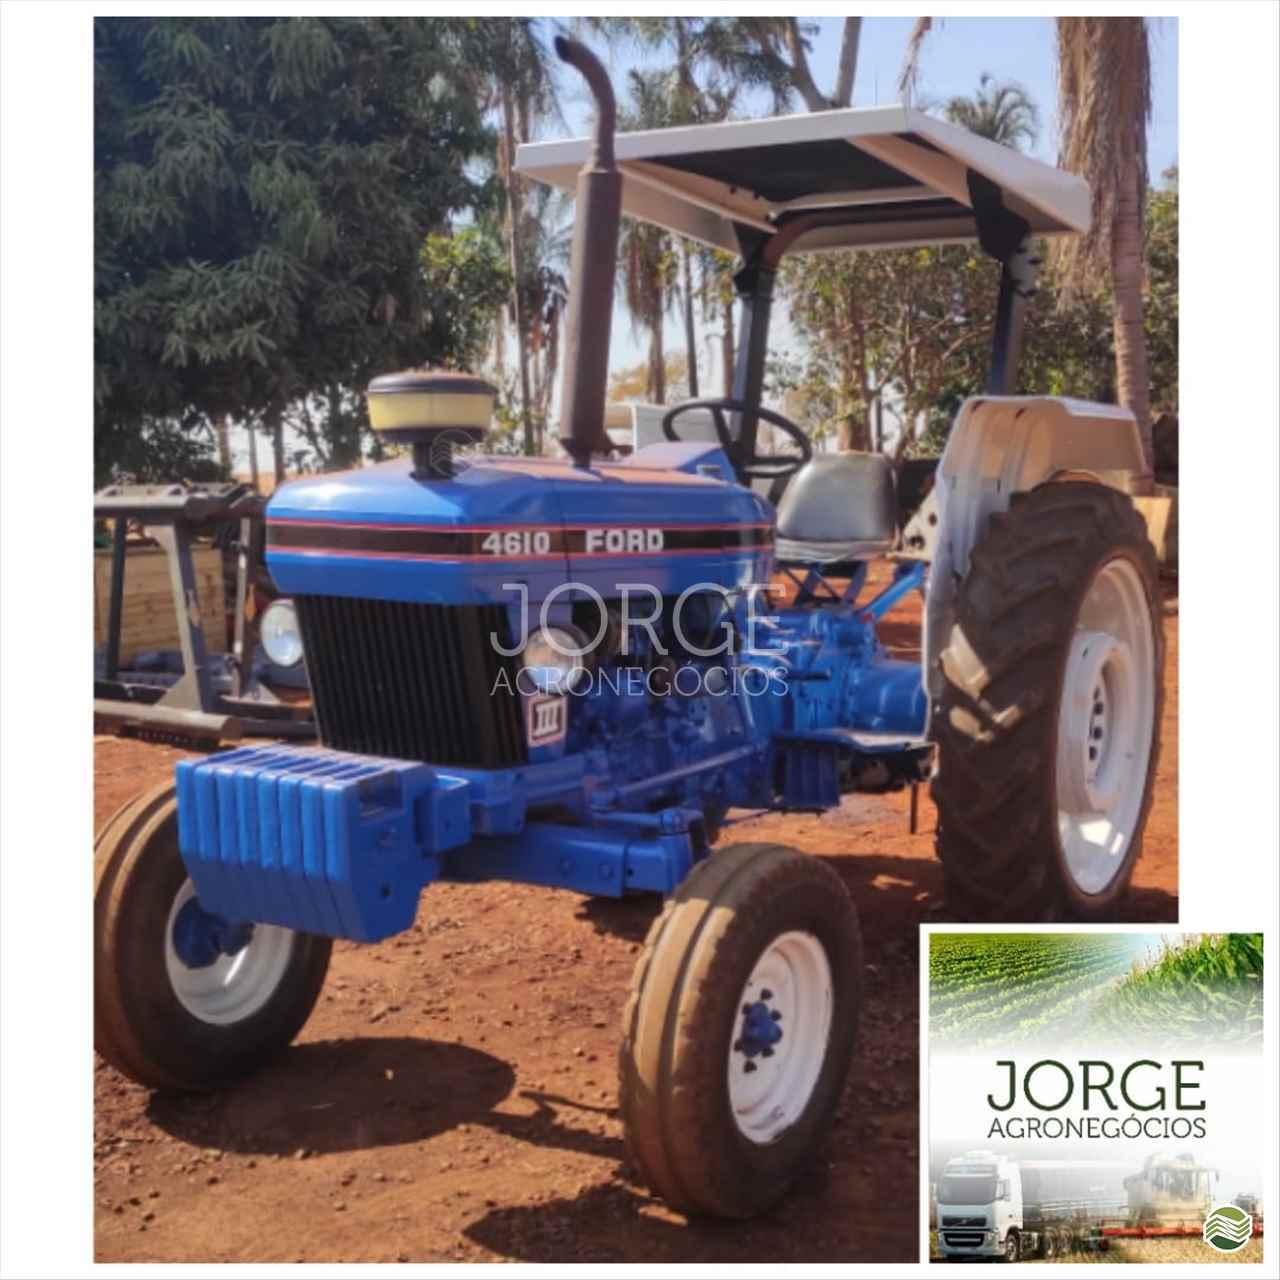 TRATOR FORD FORD 4610 Tração 4x2 Jorge Agronegócios NOVA PONTE MINAS GERAIS MG